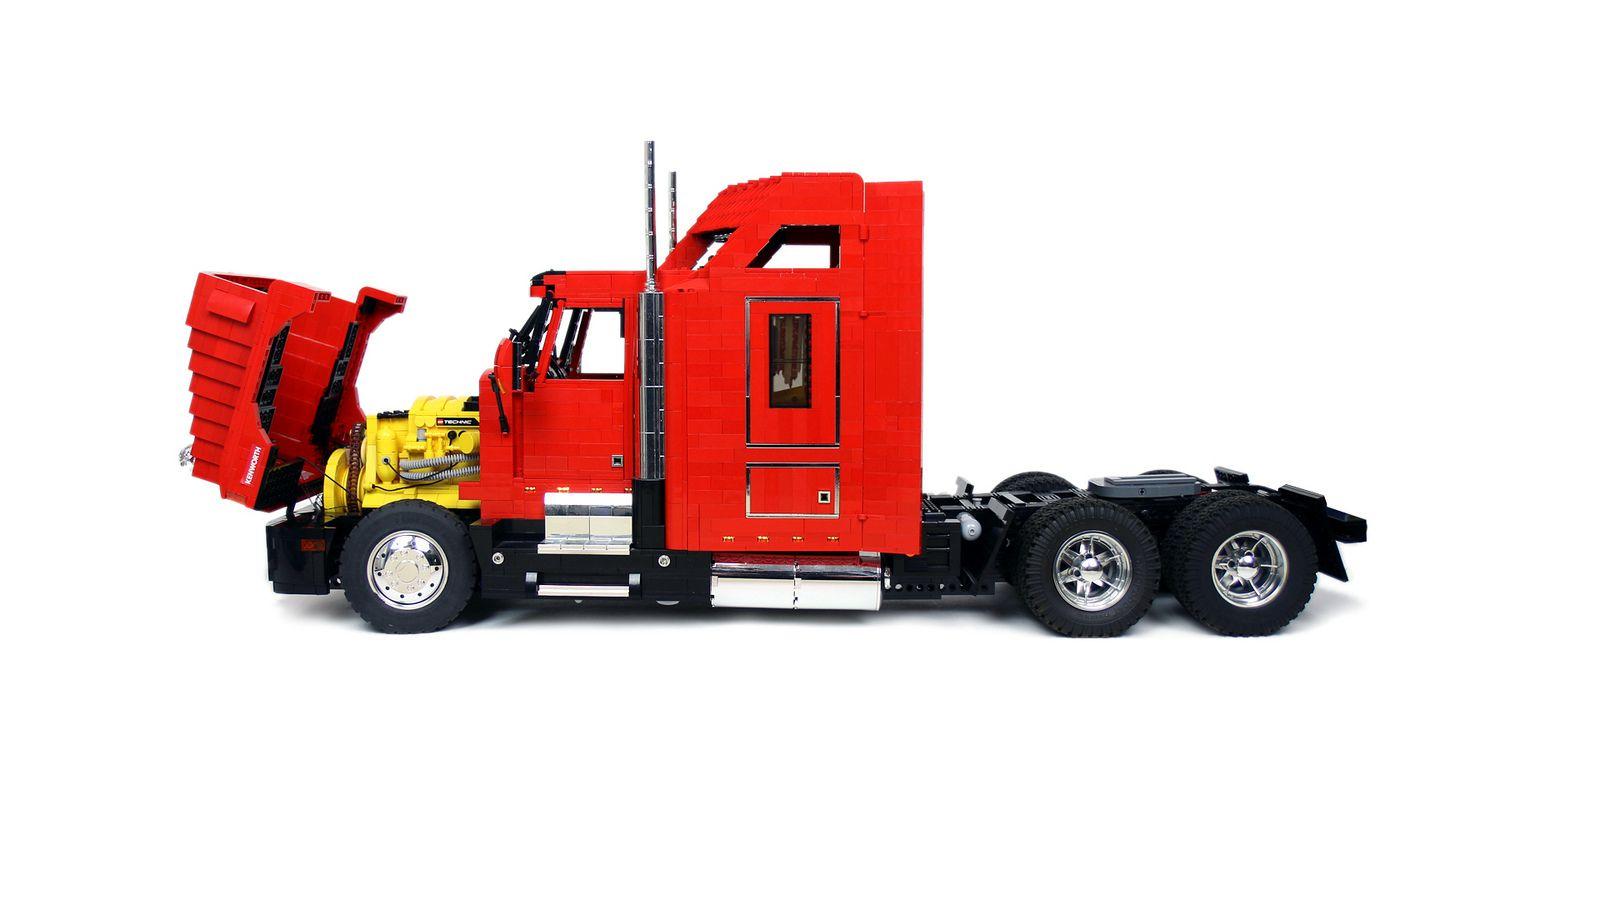 Kenworth T600 | Lego truck, Big trucks, Trucks